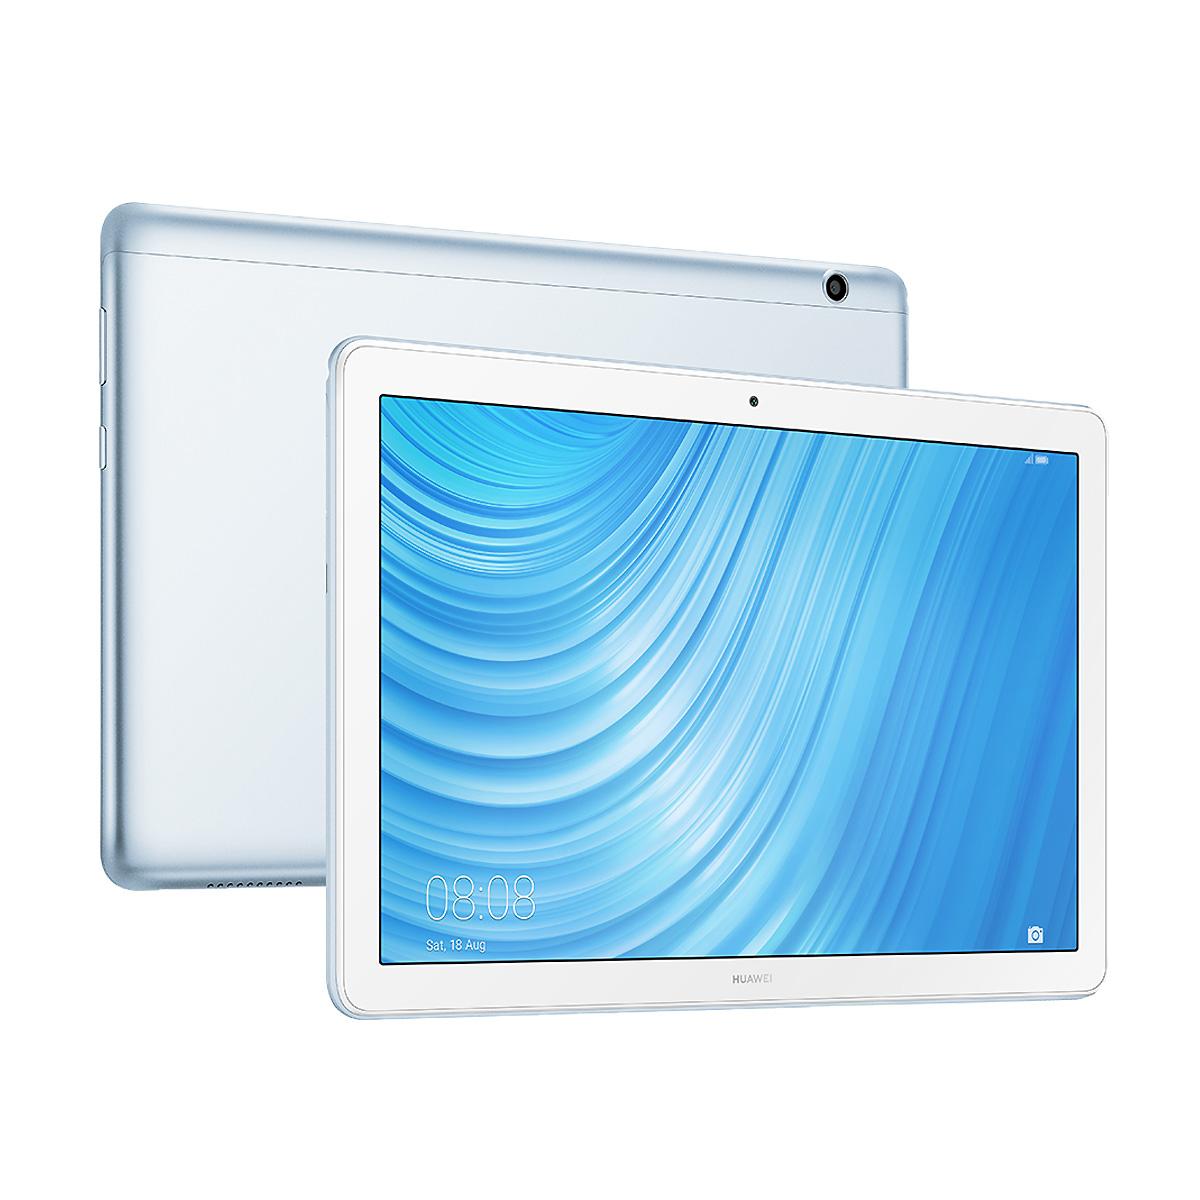 高コスパタブレット「MediaPad T5」に新色! メモリー3GB、ストレージ32GBへスペックアップ[PR]